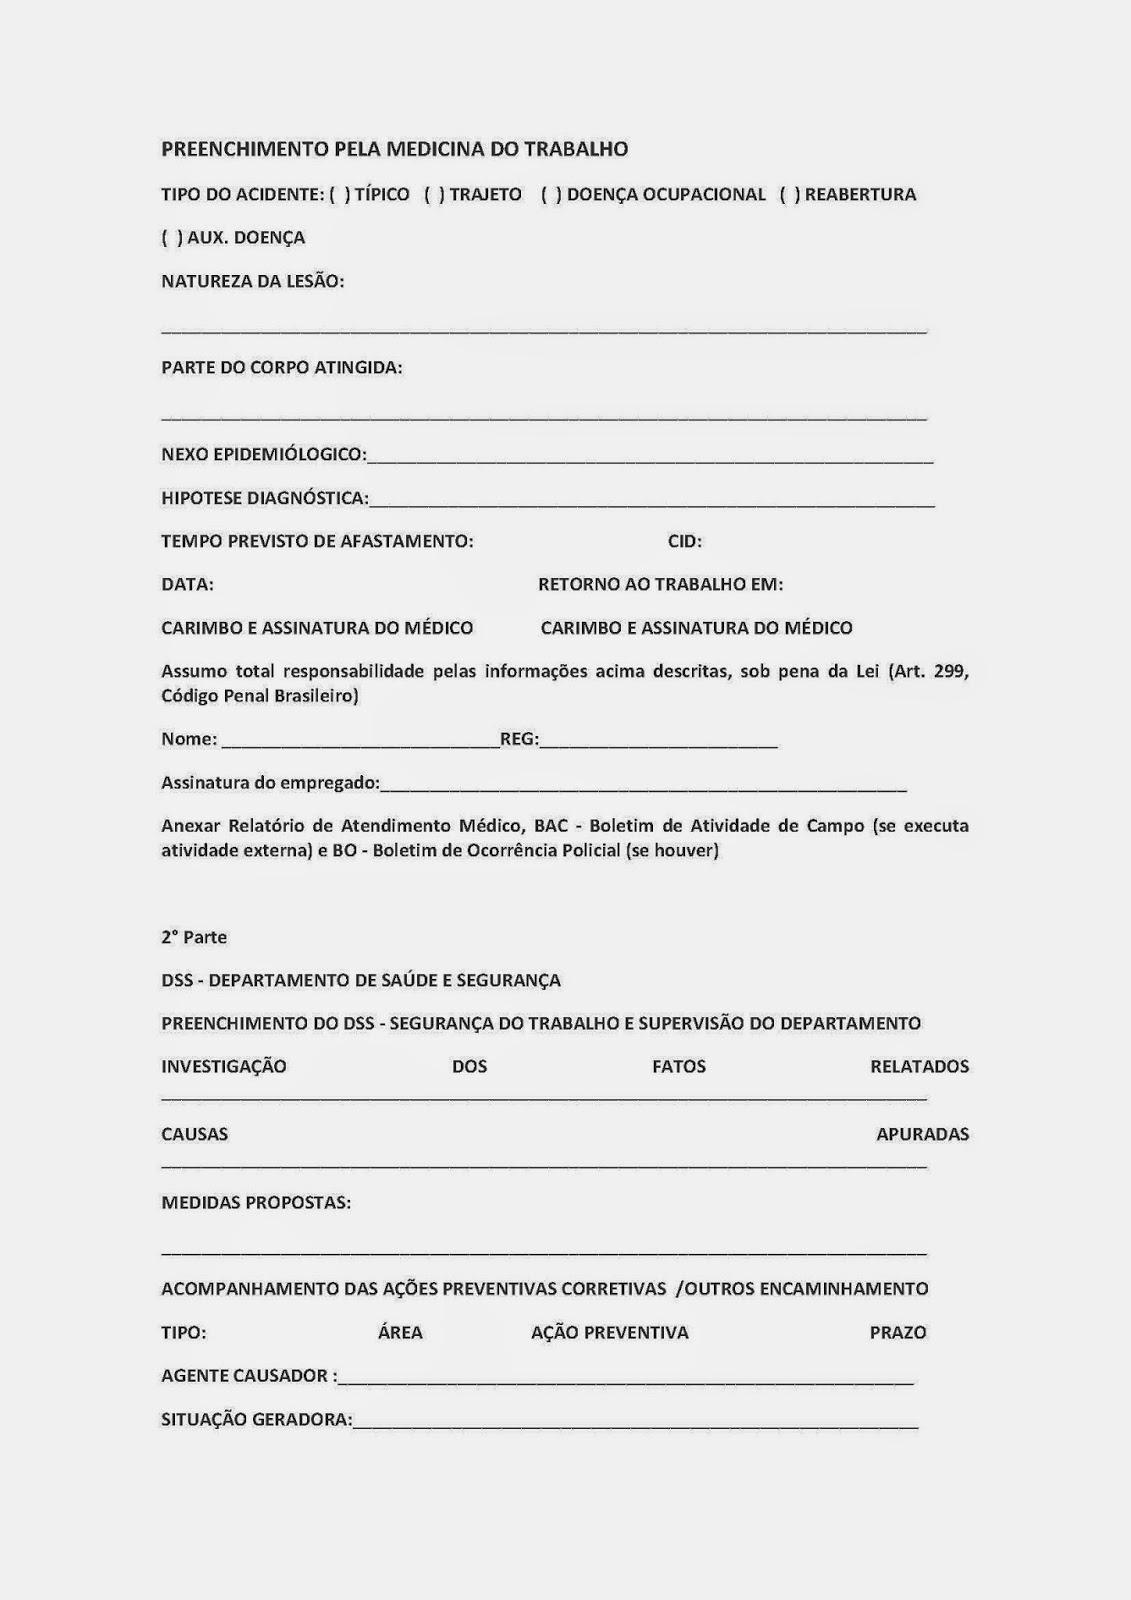 Esperando Eu Voltar  DDS - DIÁLOGO DIÁRIO DE SEGURANÇA 7286ad0c02